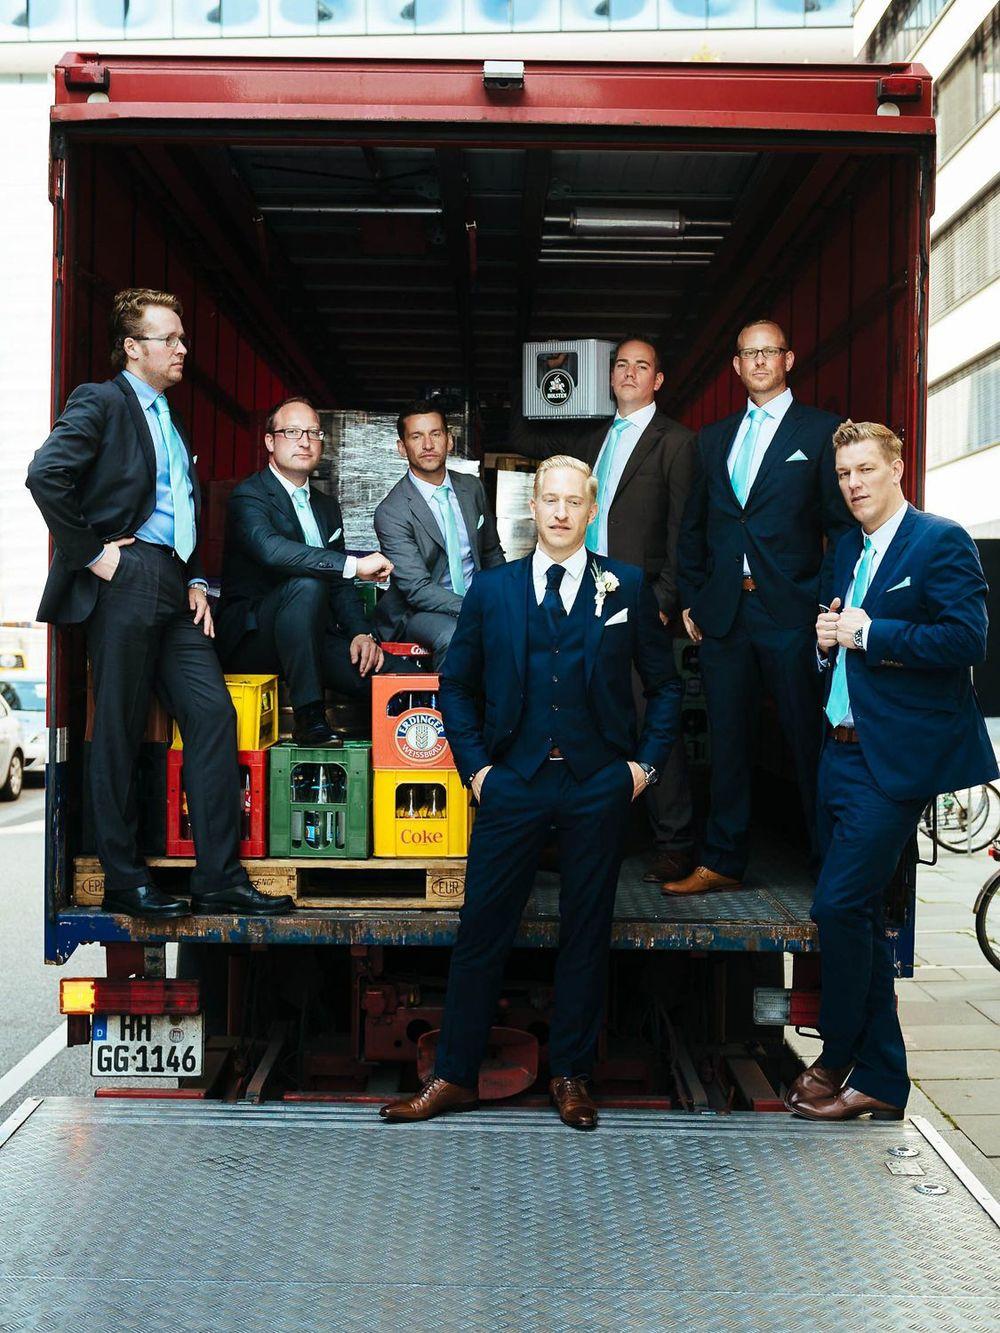 Bräutigam & Best Men posieren als Gang